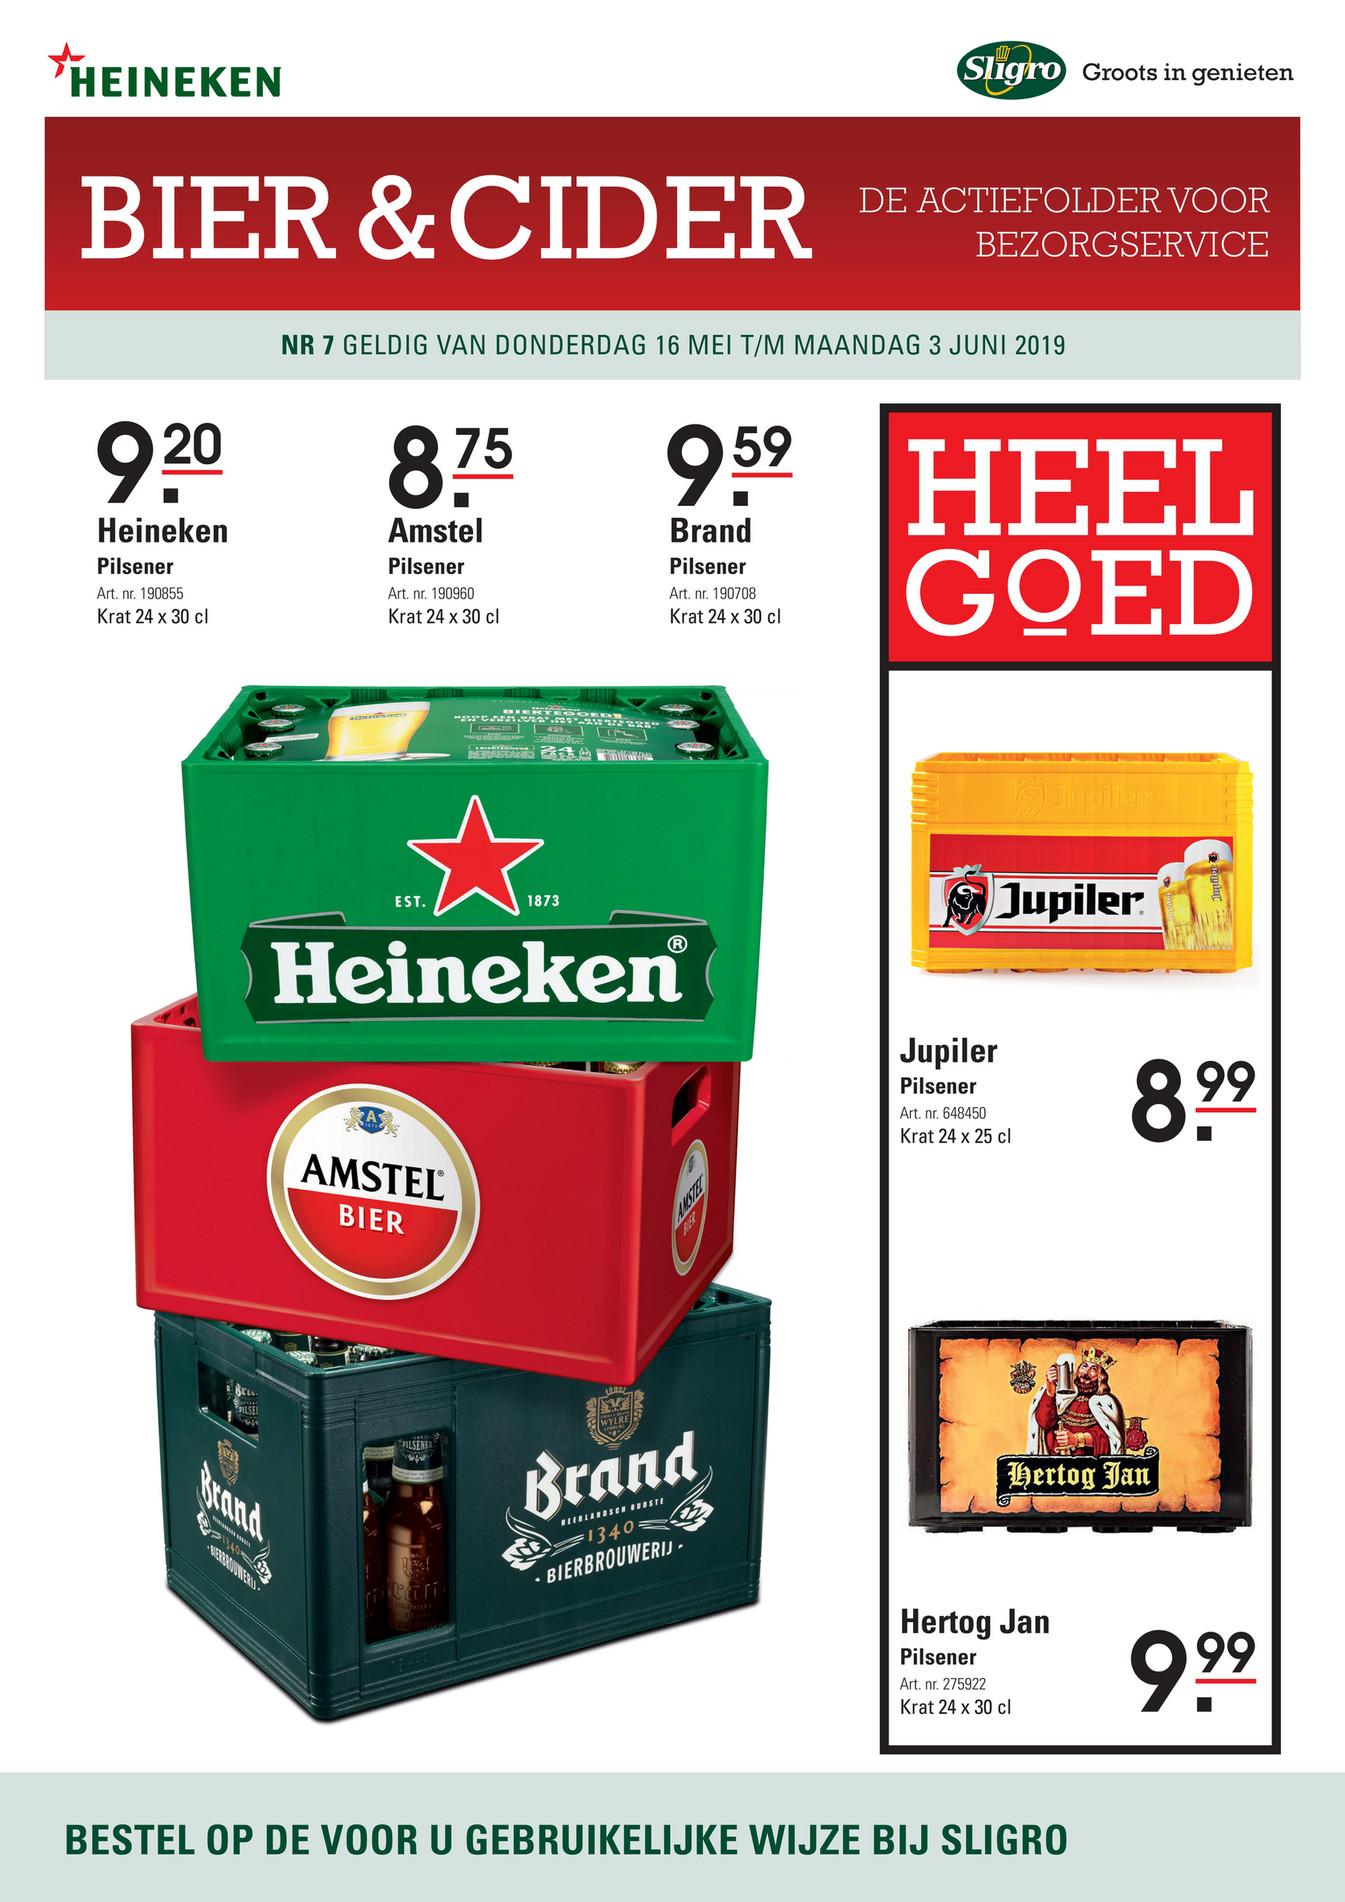 Sligro - Bier en Cider folder 07 2019 - Pagina 1